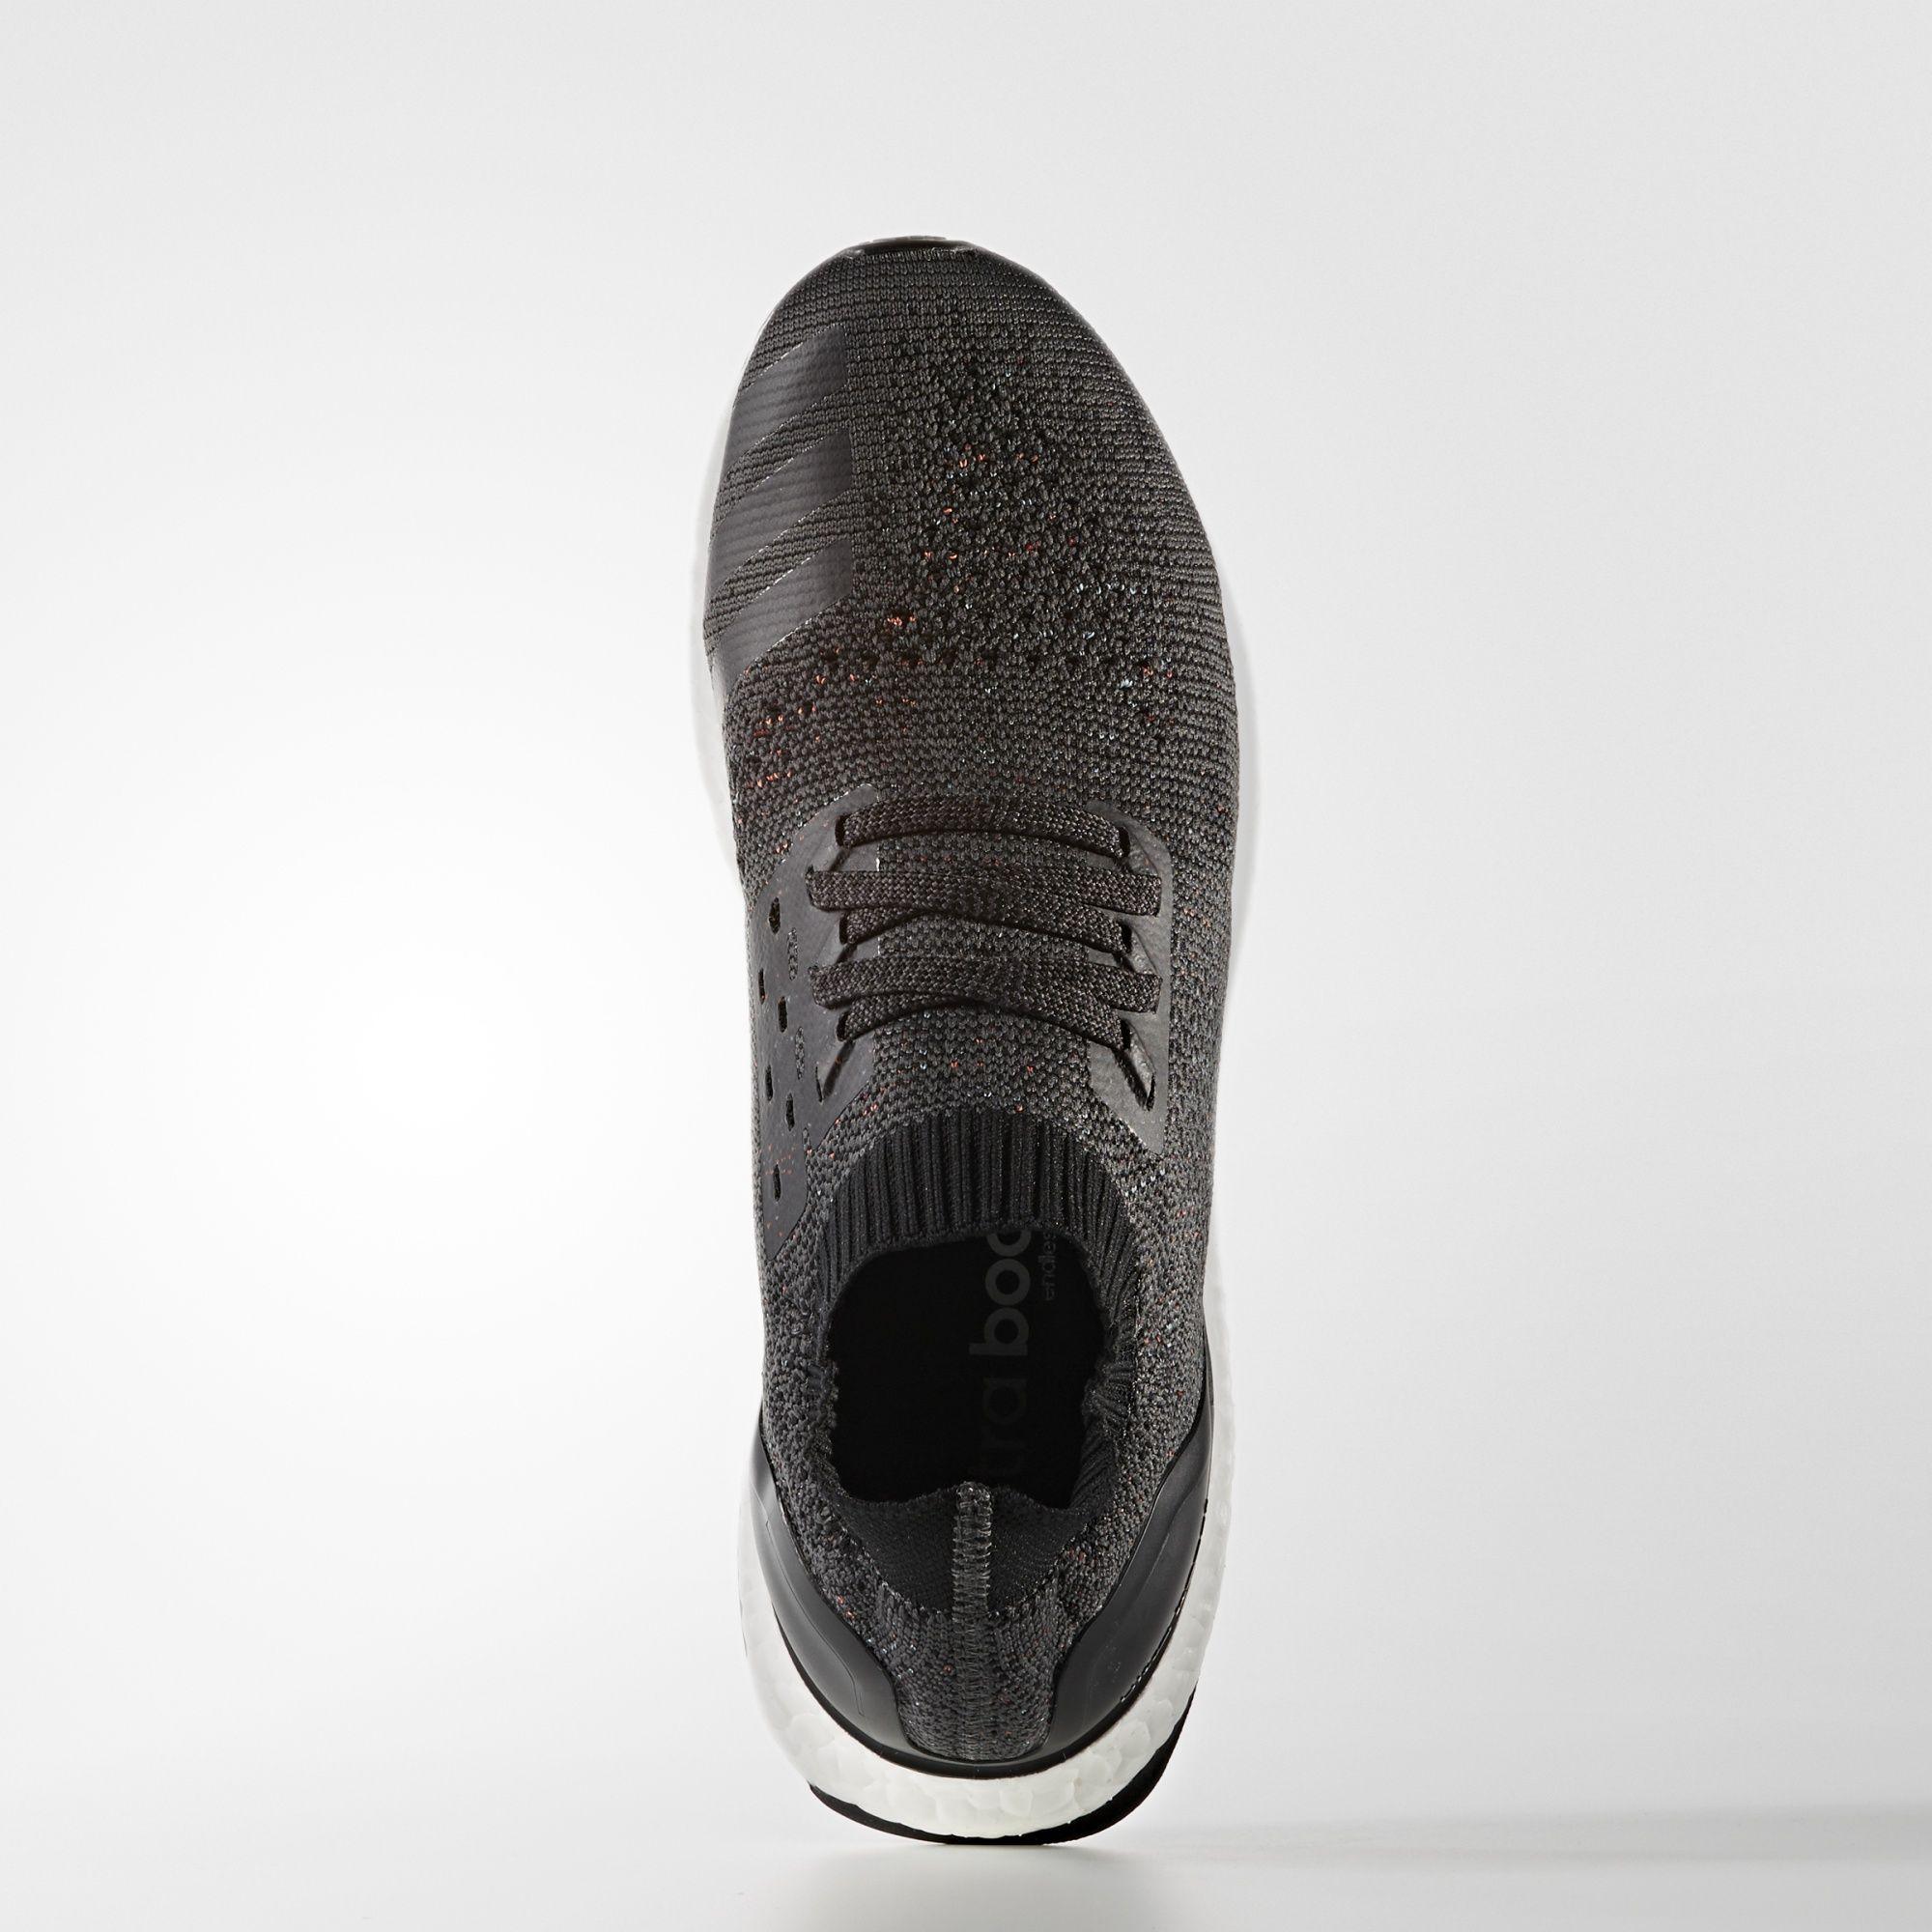 adidas ultra boost uncaged grey black BB4486 1